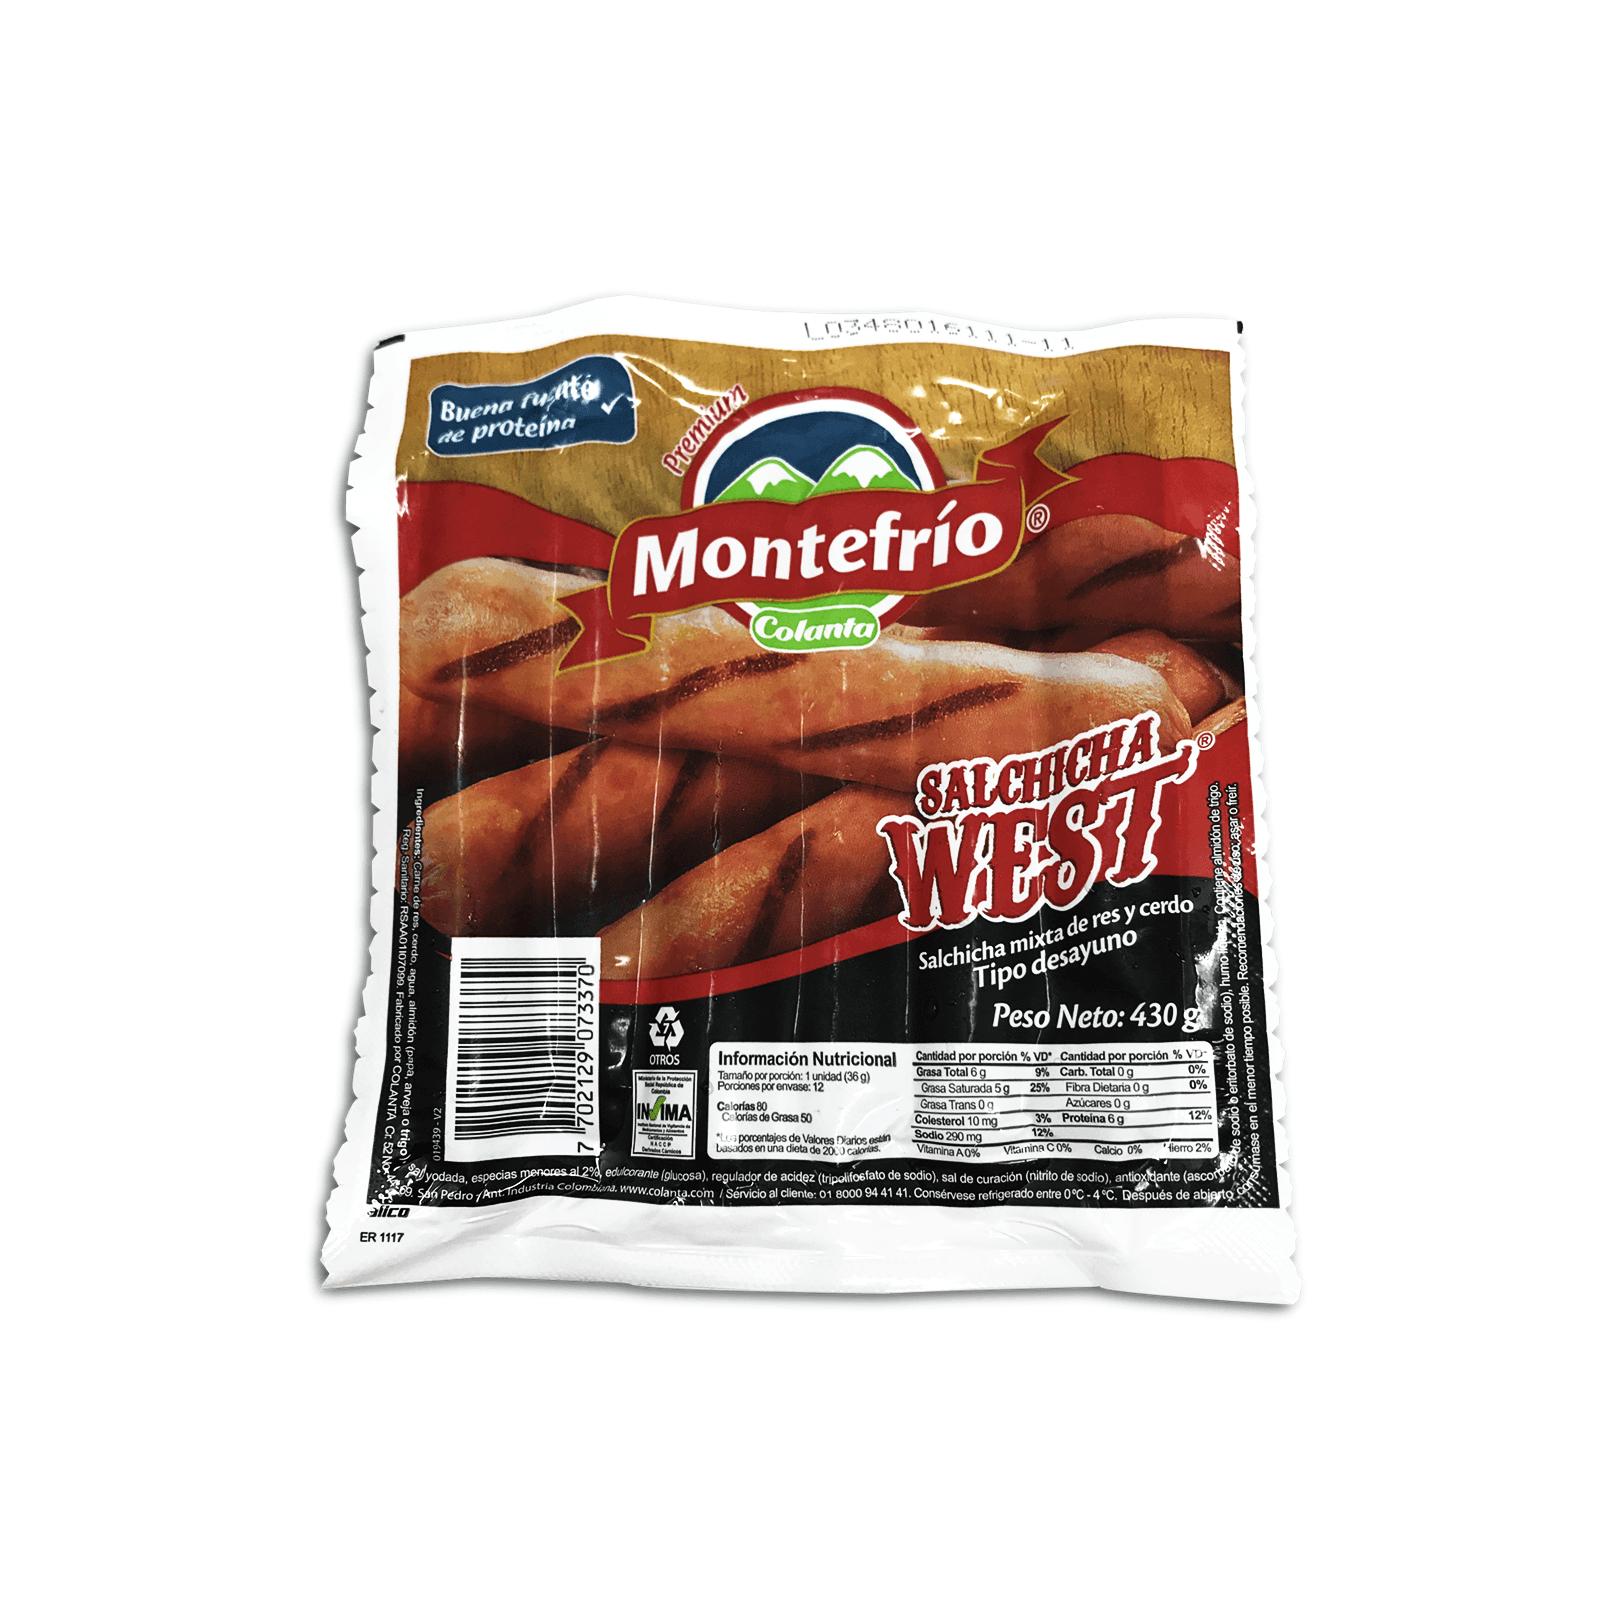 Salchicha West Montefrío Colanta